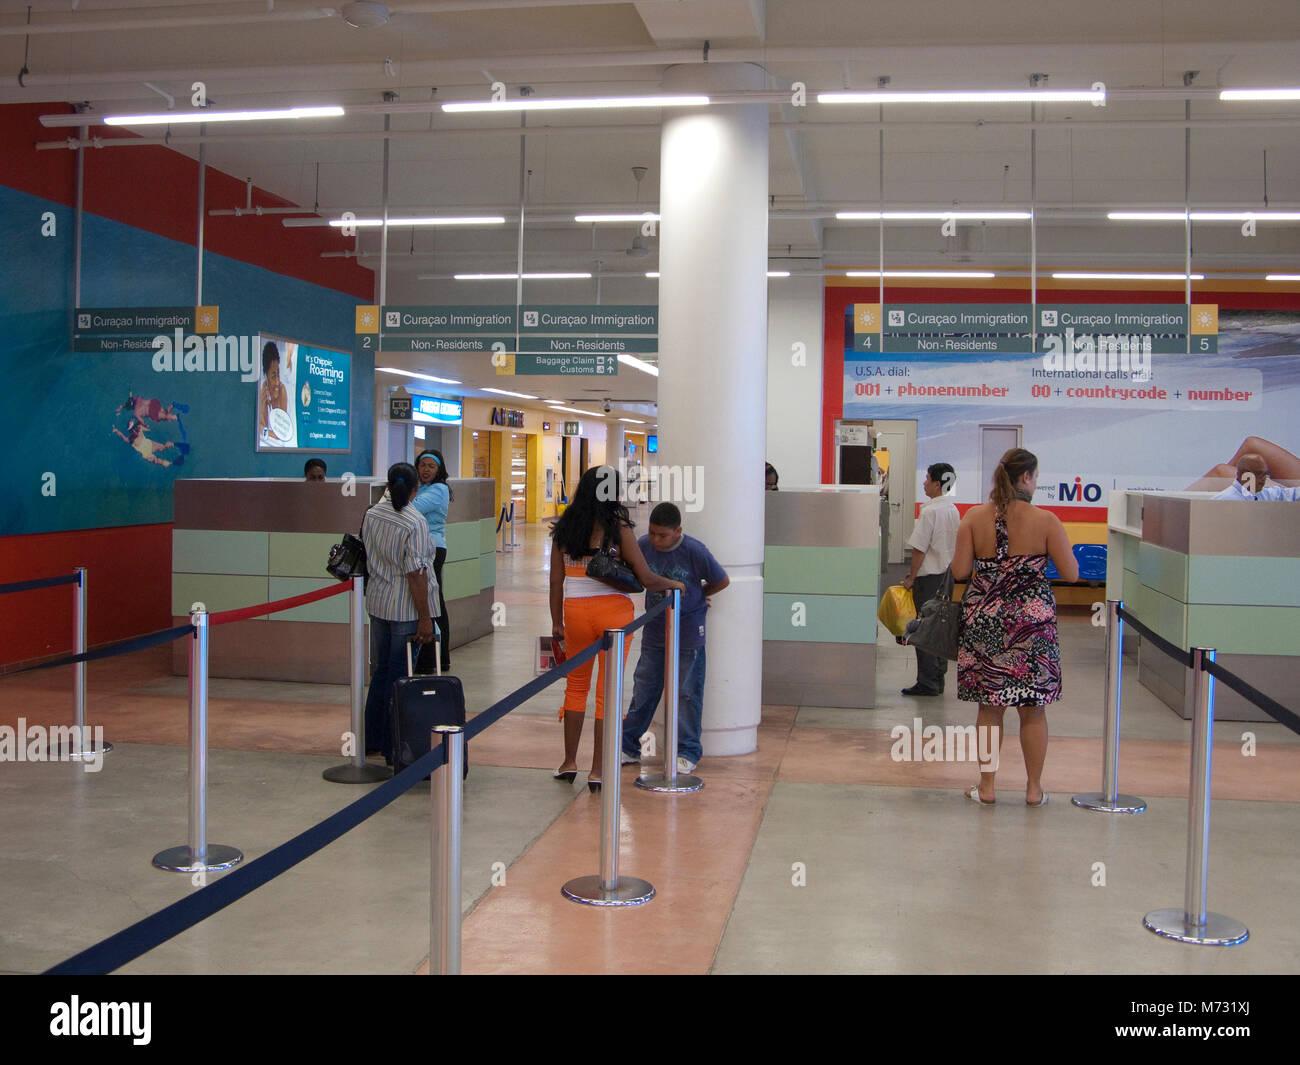 Einwanderung im Hato International Airport, Curacao, Niederländische Antillen, Karibik, Karibik Stockbild